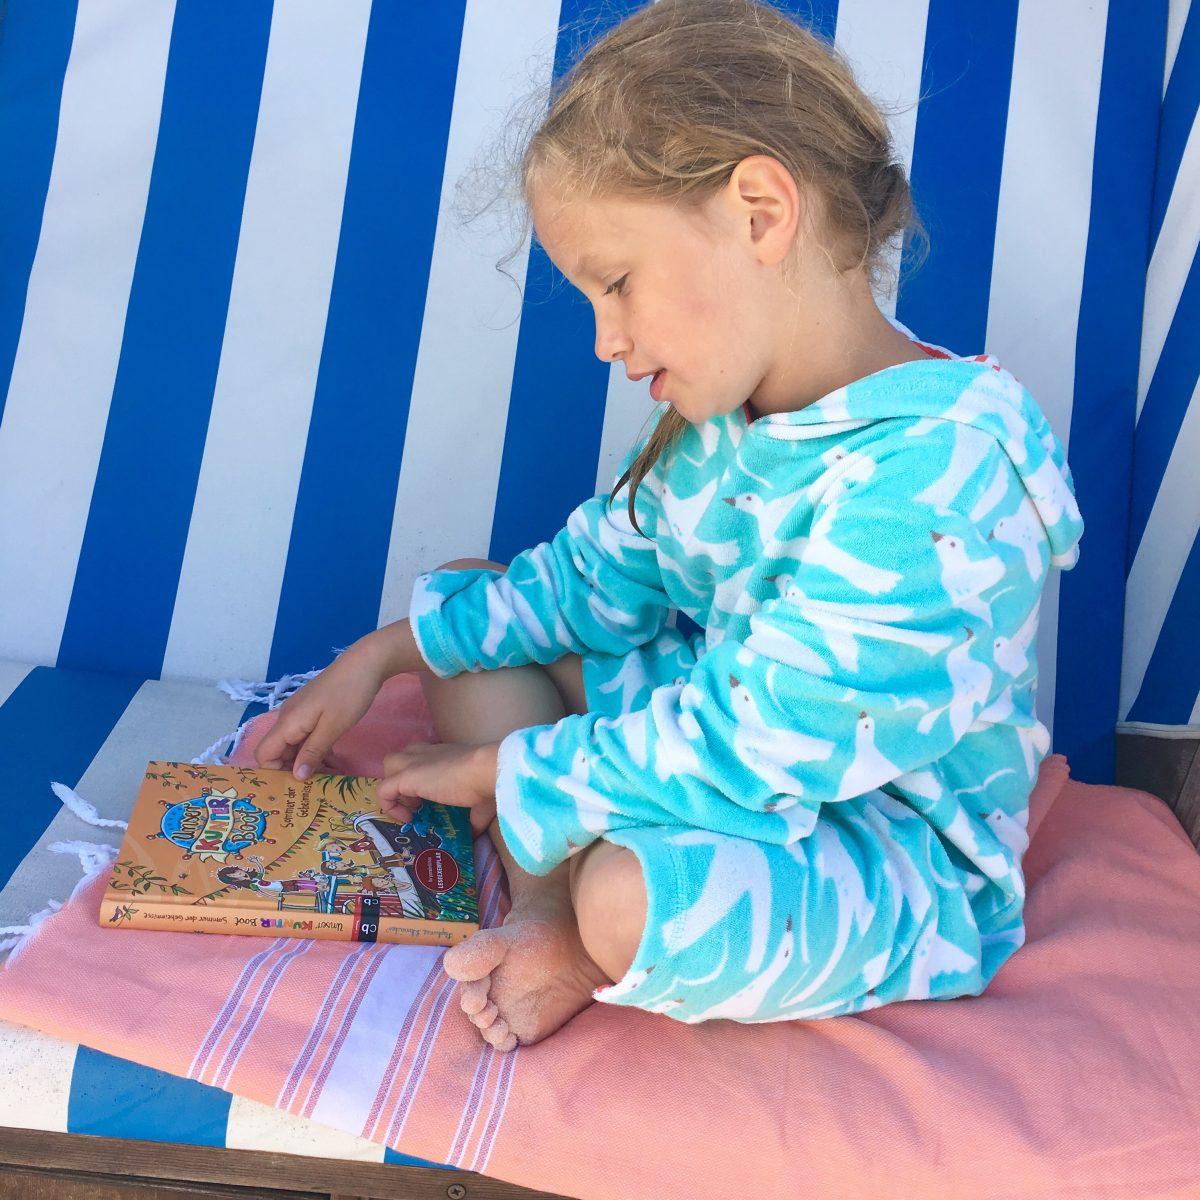 Booklove, Buchtipp, Kinderbuch, Vorlesen, Sommerlektüre, Lesespaß, Kunterboot, Ratgeber, Empfehlung, Buchempfehlung, Rezension